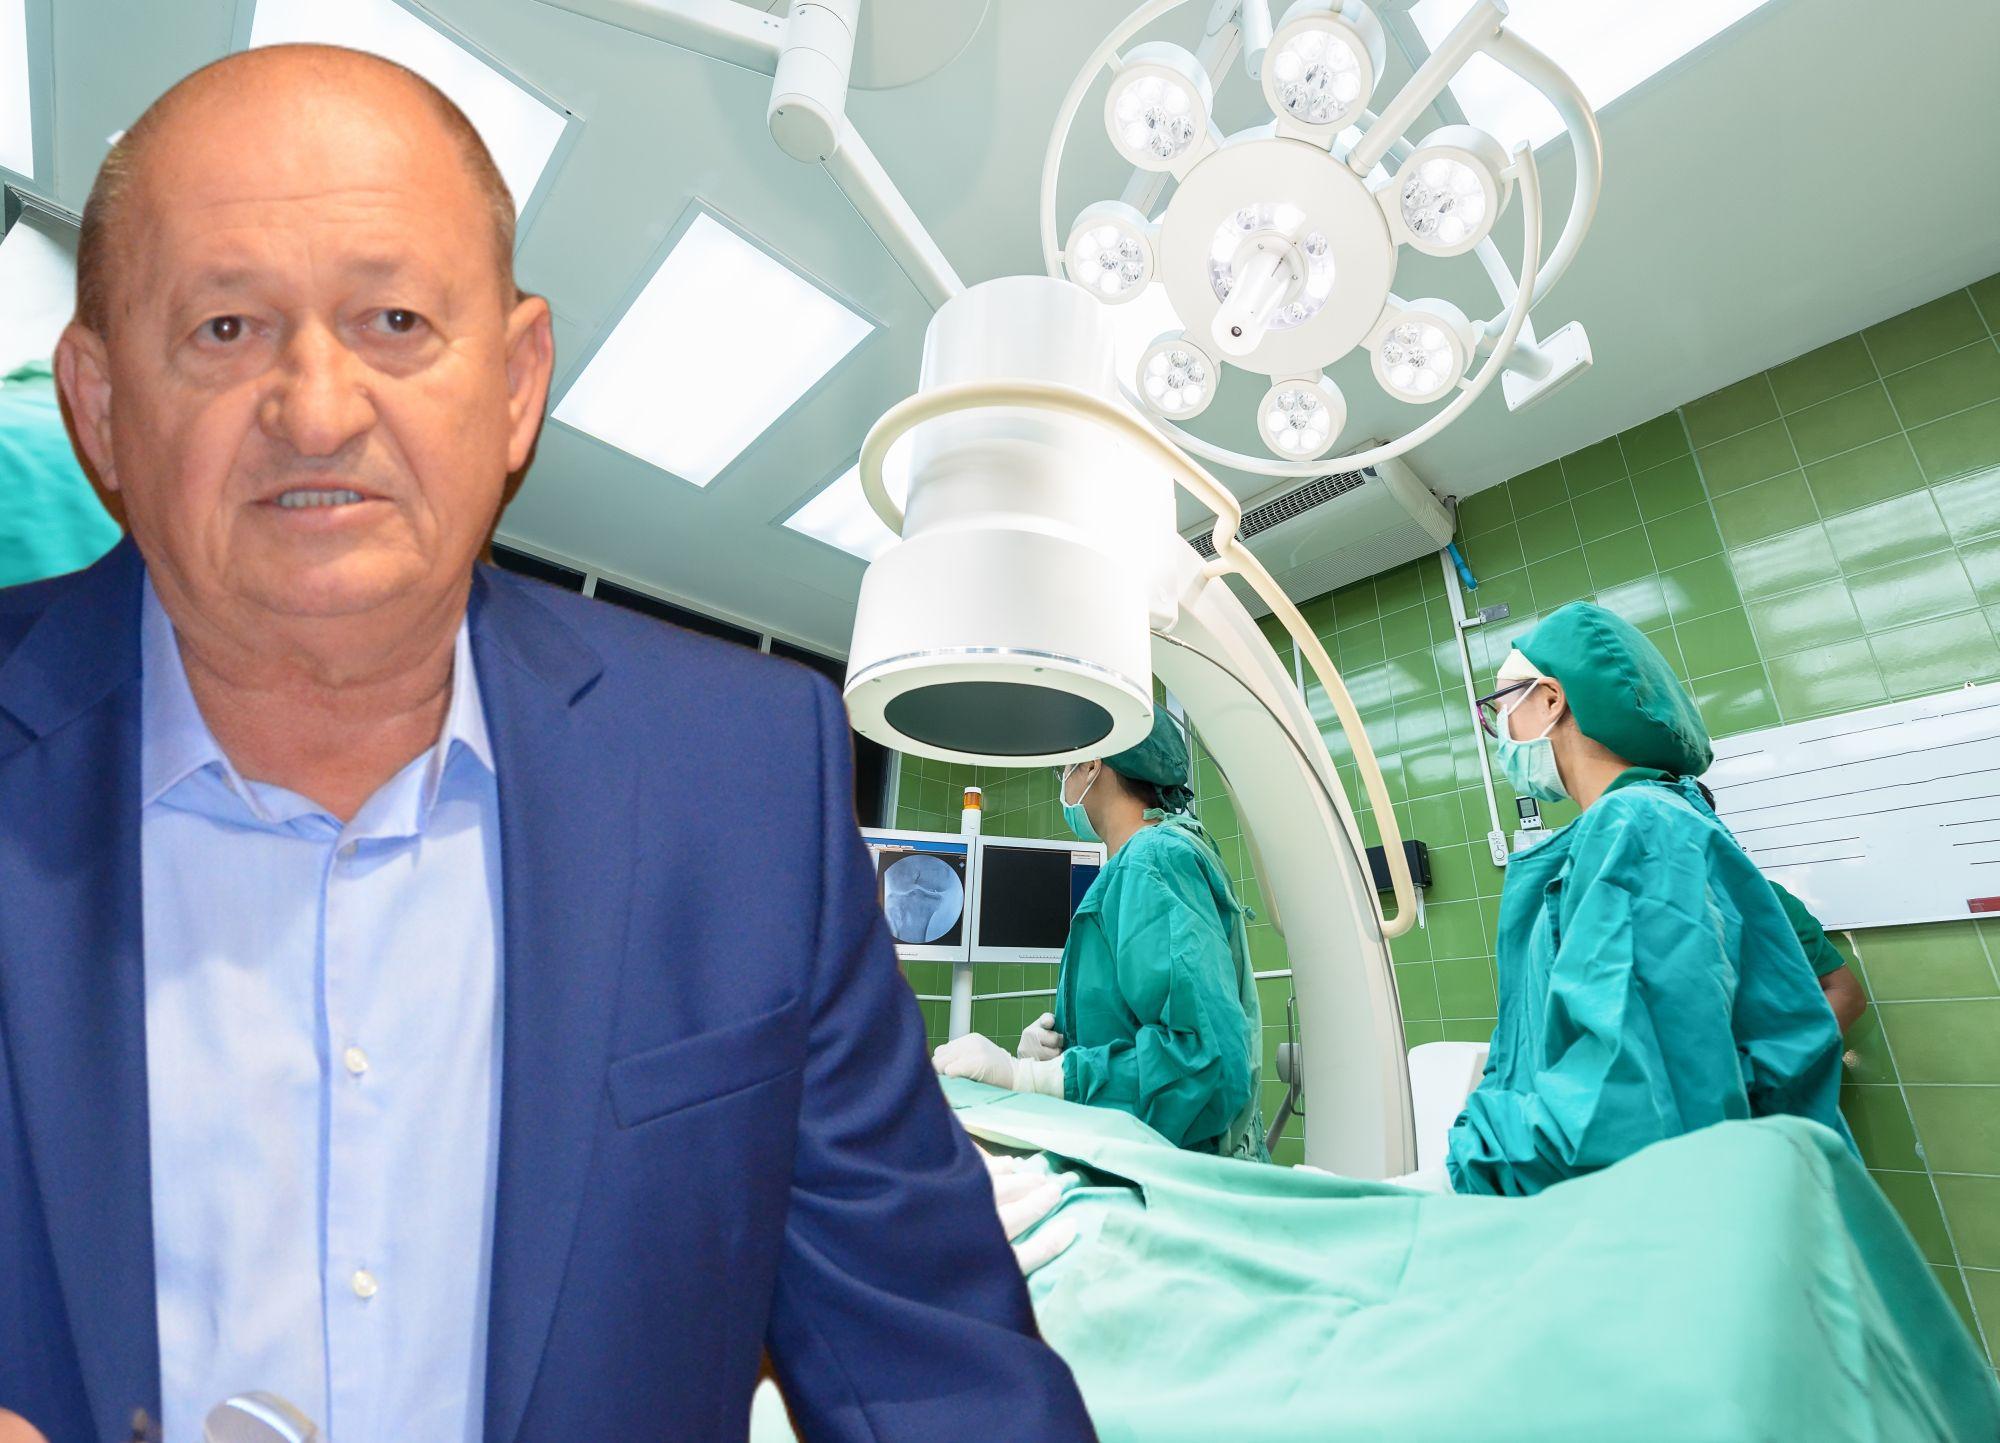 EXCLUSIV Omul de afaceri Grigore Comănescu vrea să construiască în Constanța unul din cele mai moderne spitale din Europa